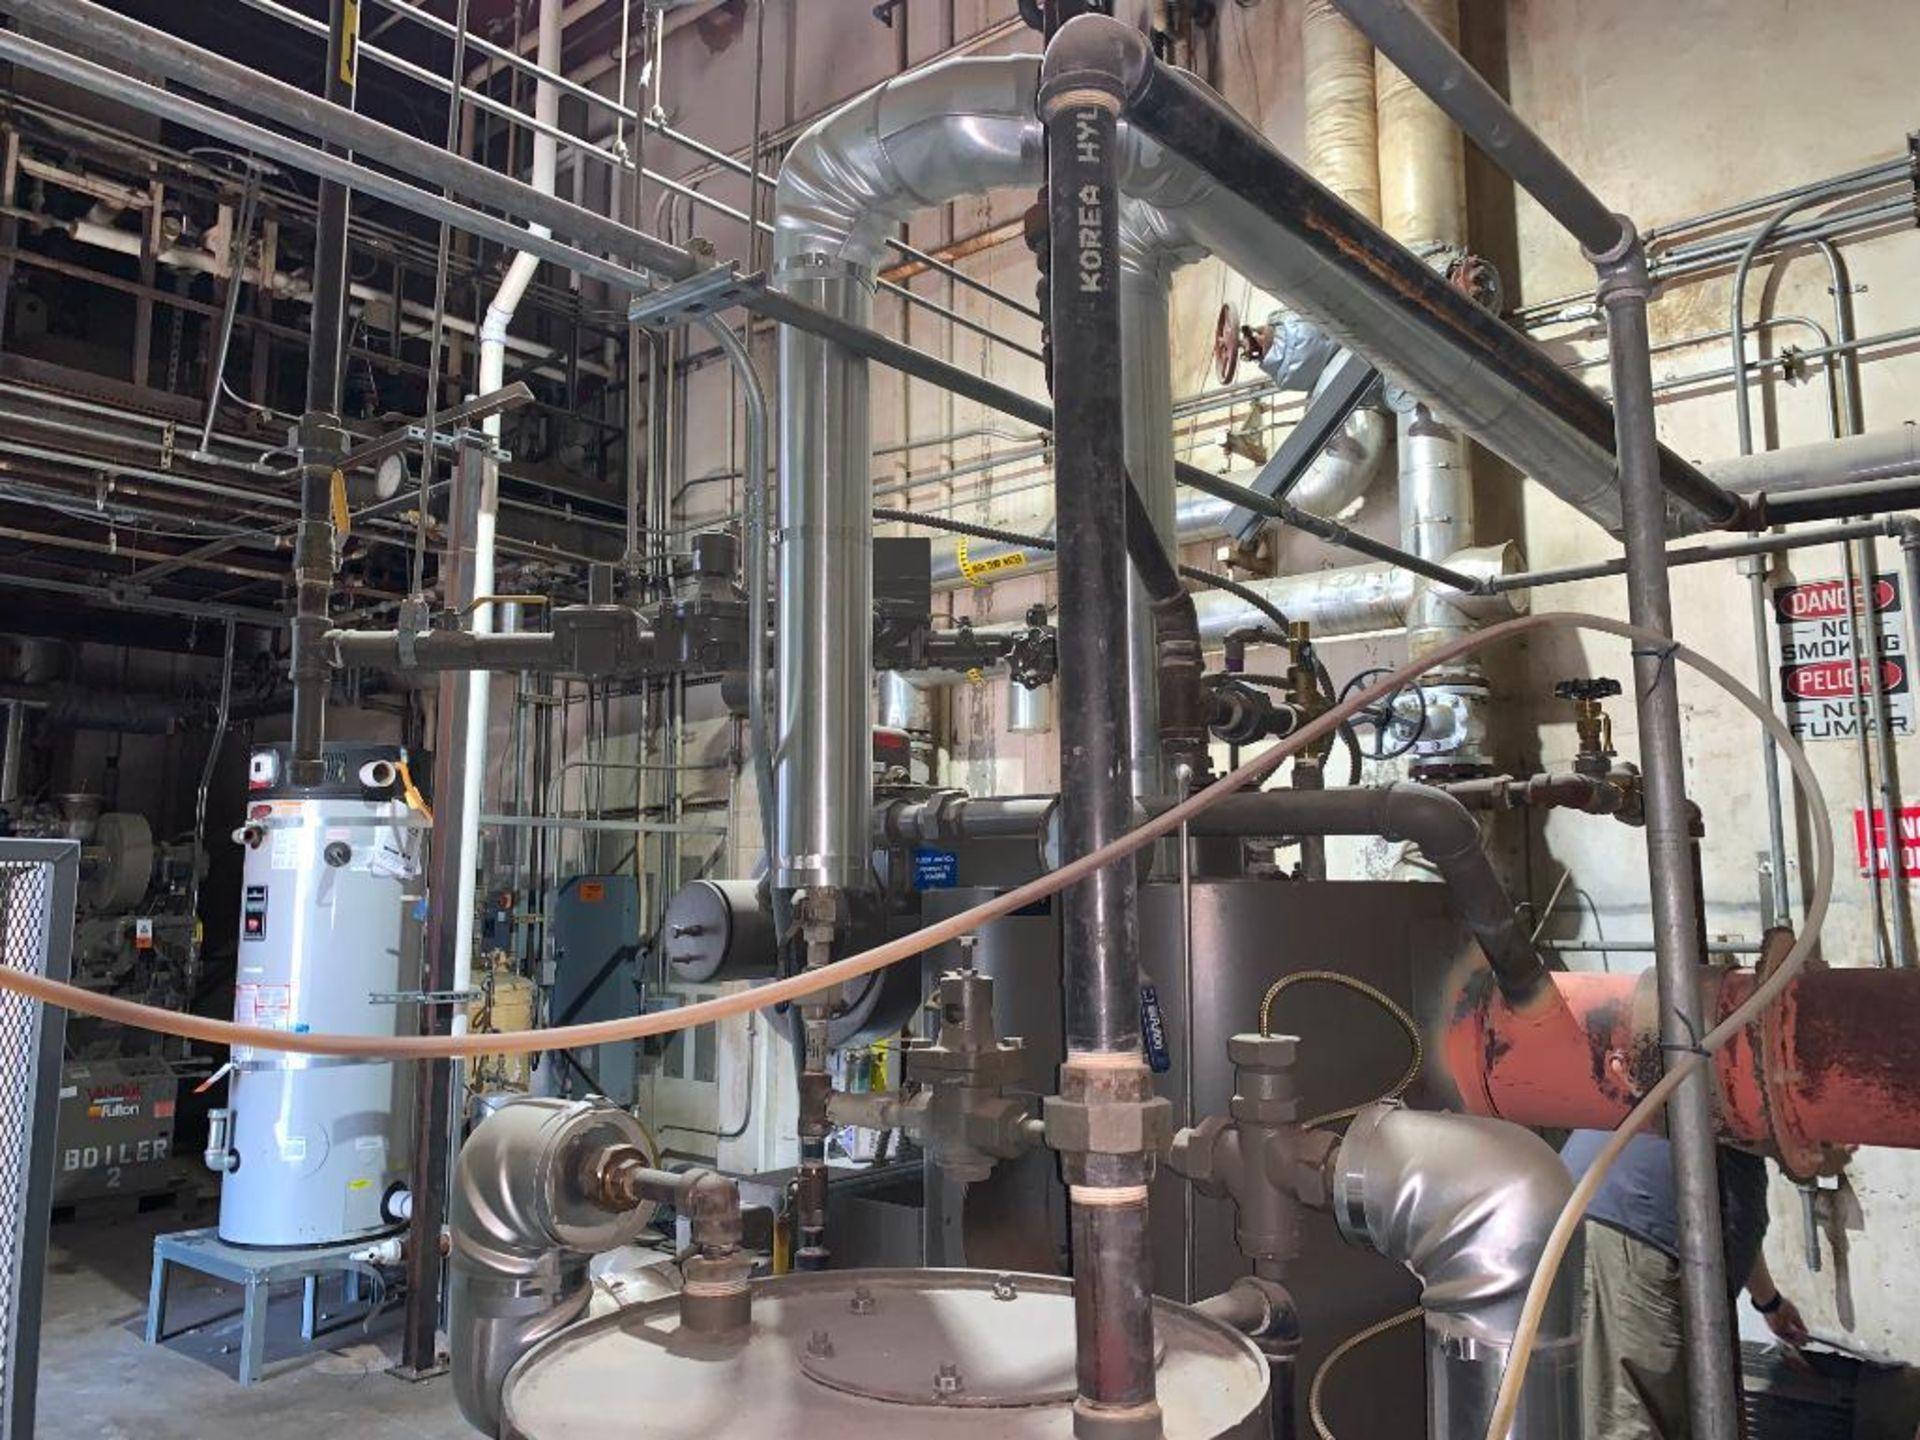 2014 Fulton steam boiler - Image 14 of 23